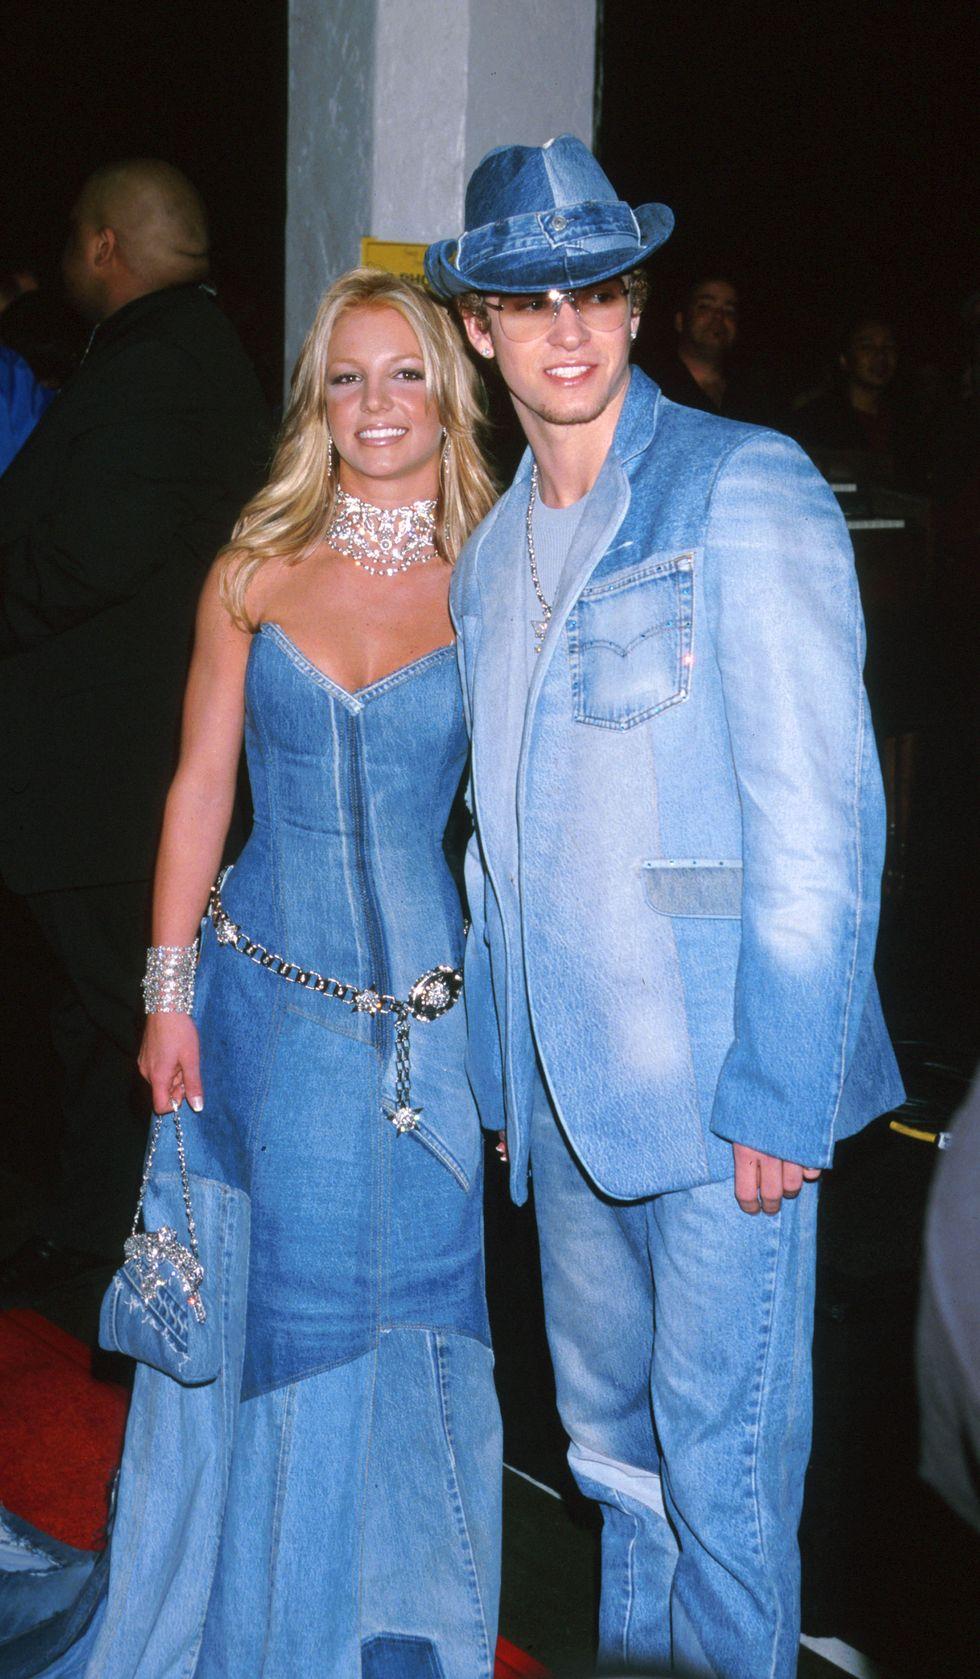 Britney Spears và Justin Timberlake, 2001 Brit và JT tuyên bố ngai vàng của họ là vua và nữ hoàng của denim với những bộ quần áo toàn jean này tại Lễ trao giải Âm nhạc Mỹ thường niên lần thứ 28.